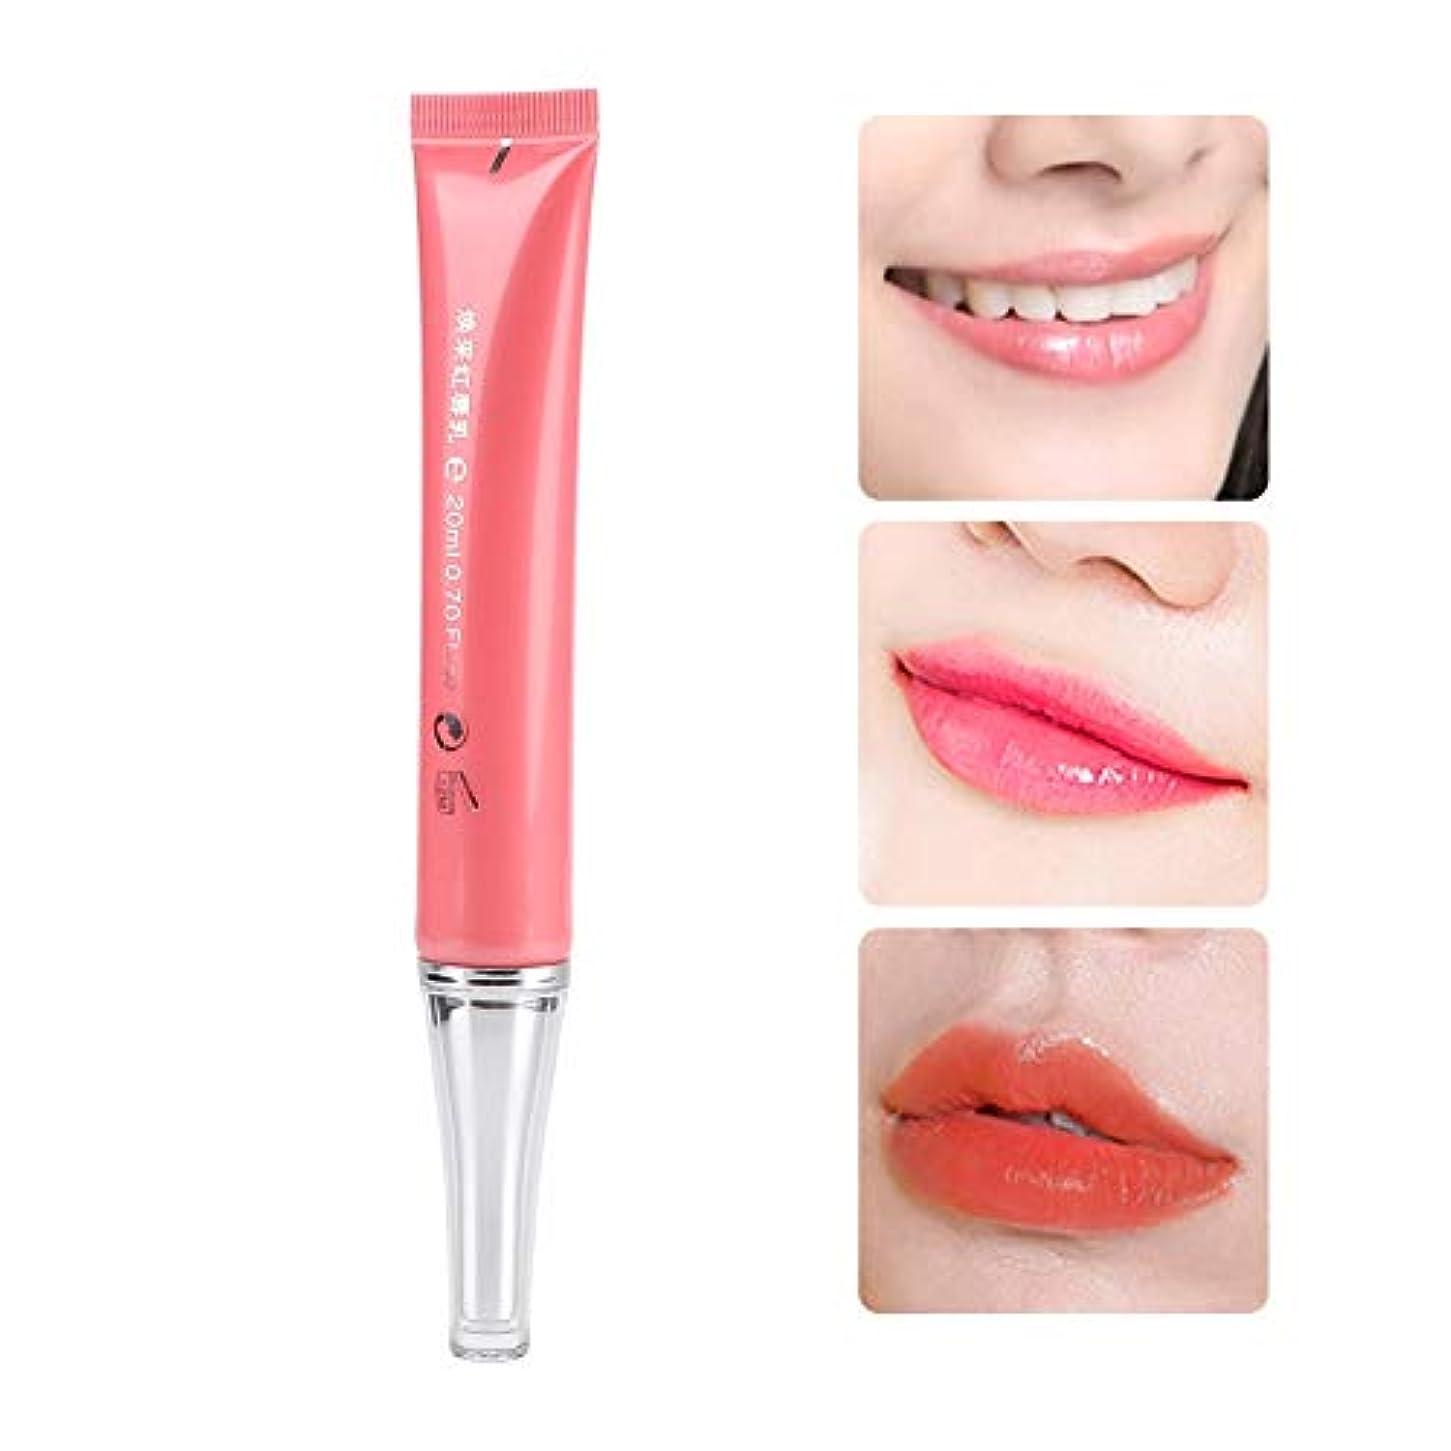 団結エンターテインメント悪性の色の口紅を変える、温度変化保湿ライトニング肌ピンクがかったジェル長持ちリップグロス女性用